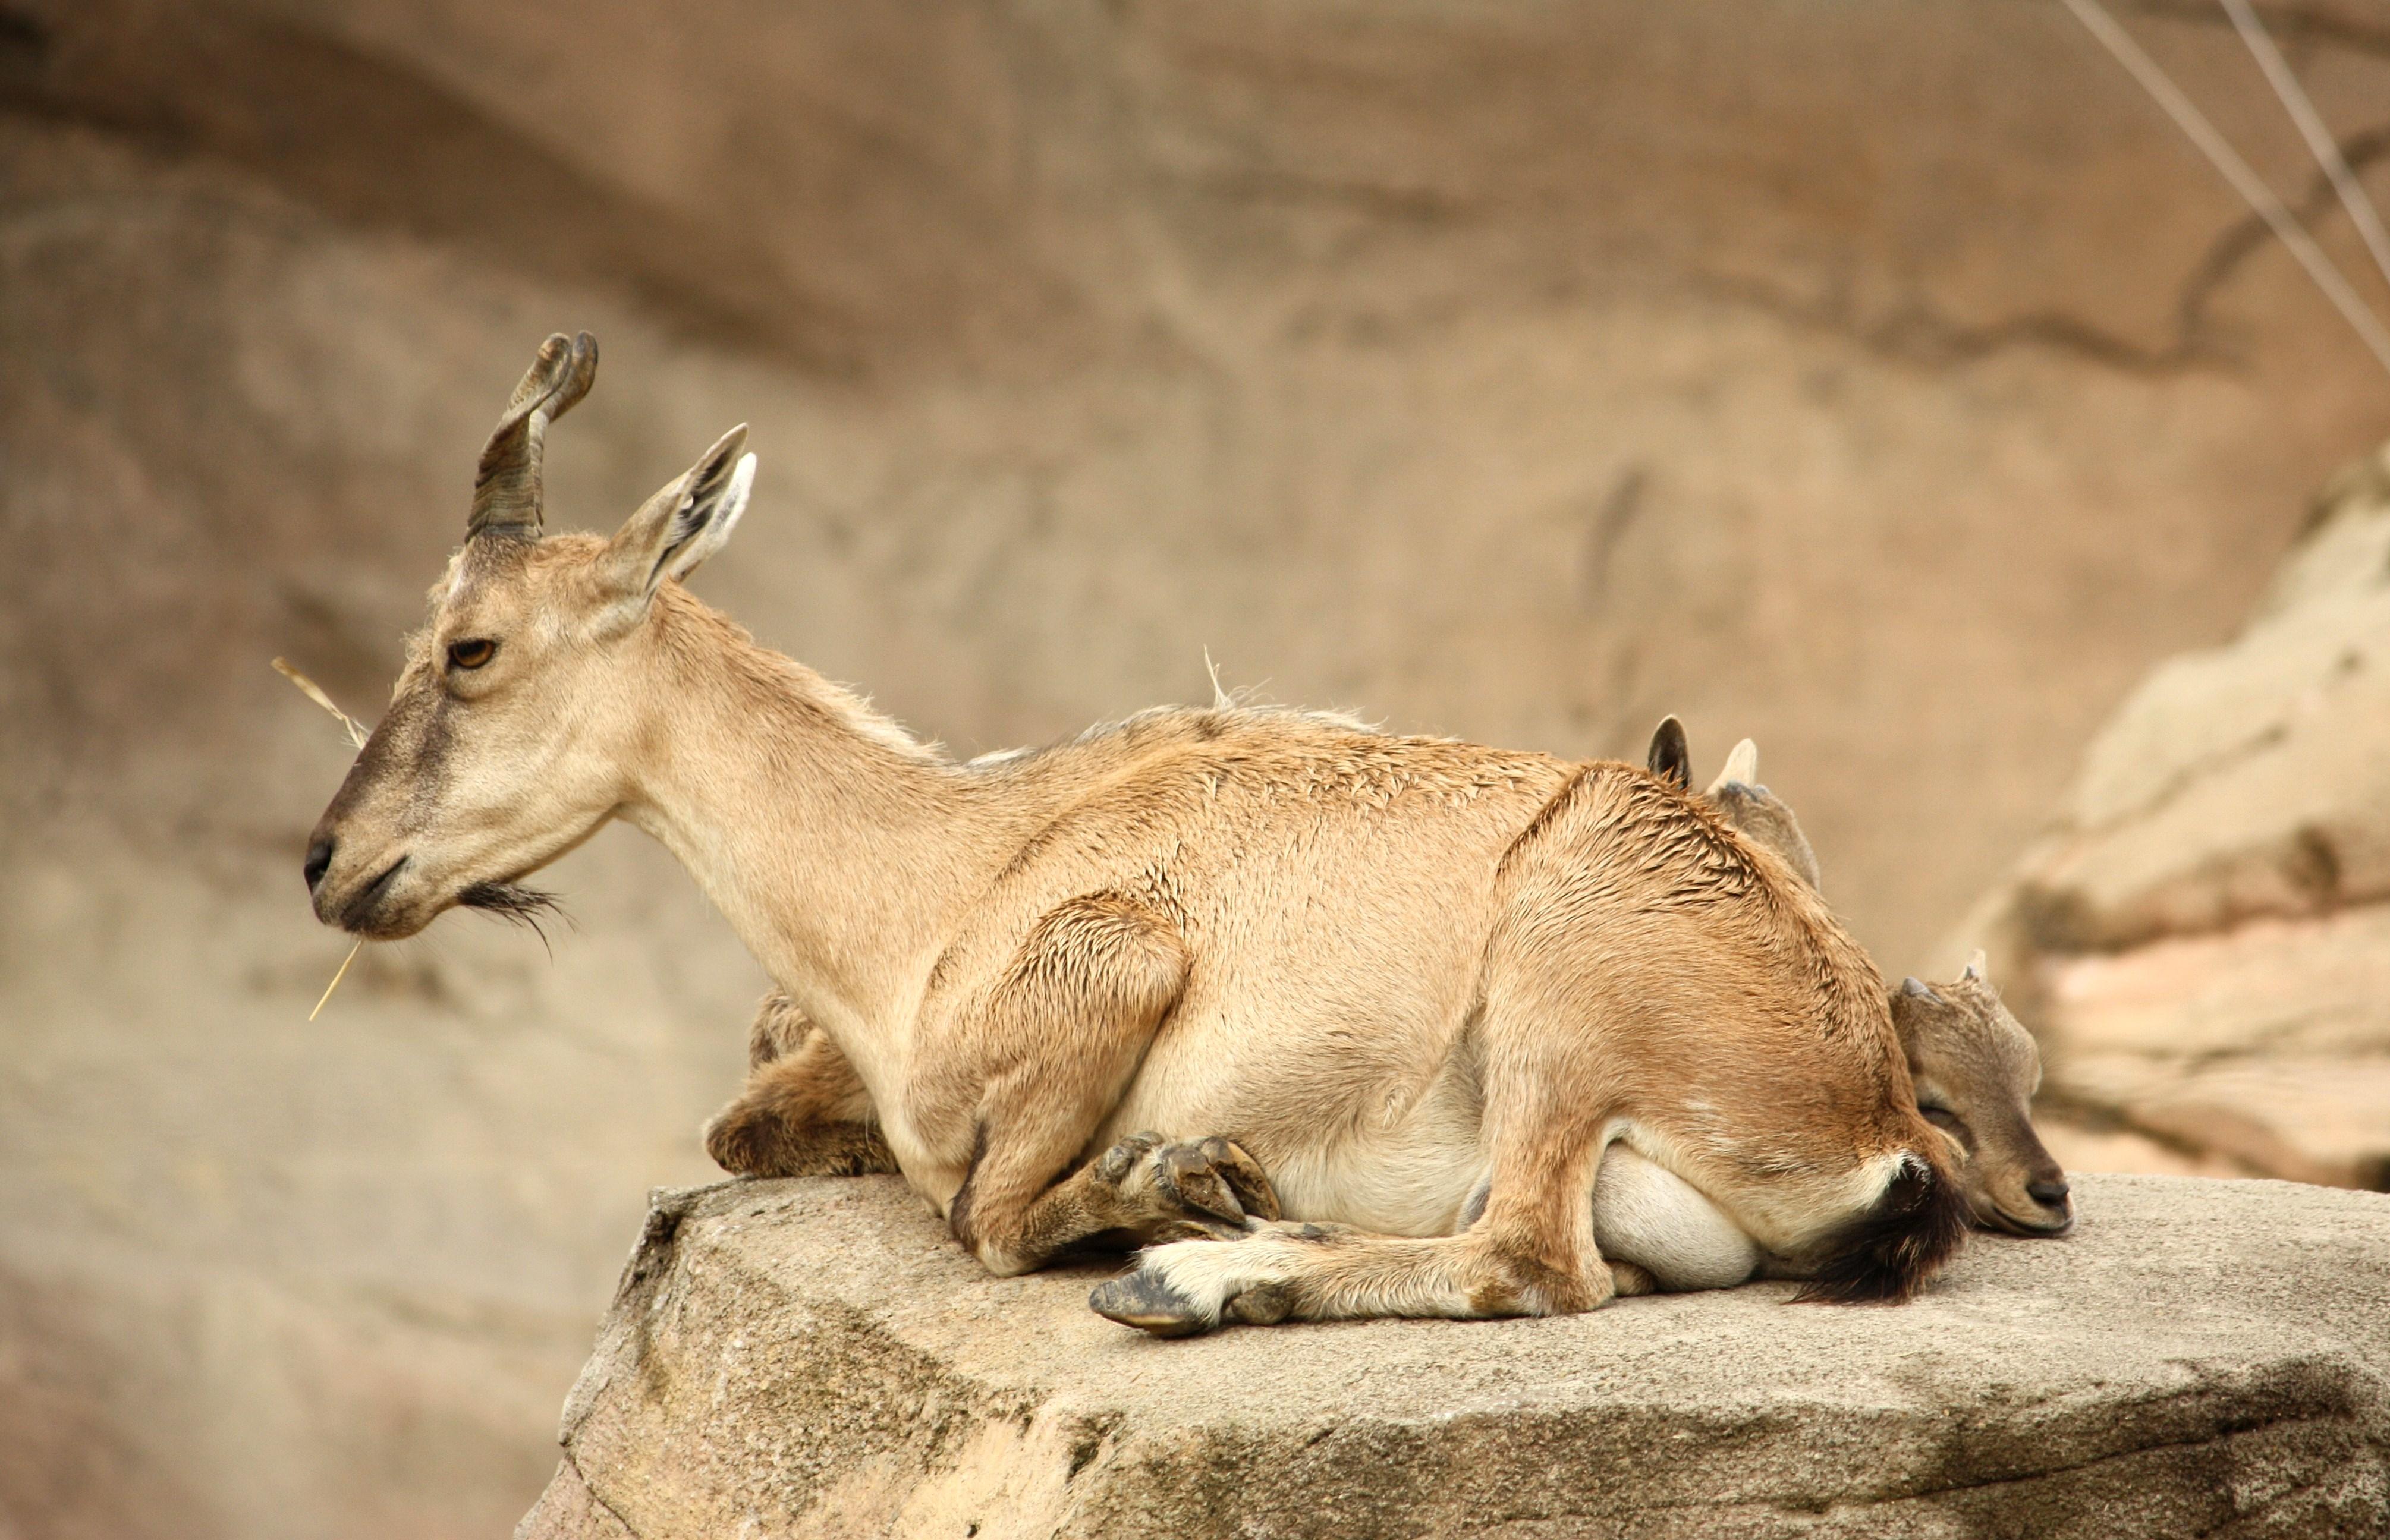 ہنزہ: غیر قانونی شکارکرنے والا شکاری محکمہ جنگلات کے اہلکاروں کے ہتھے چڑھ گیا